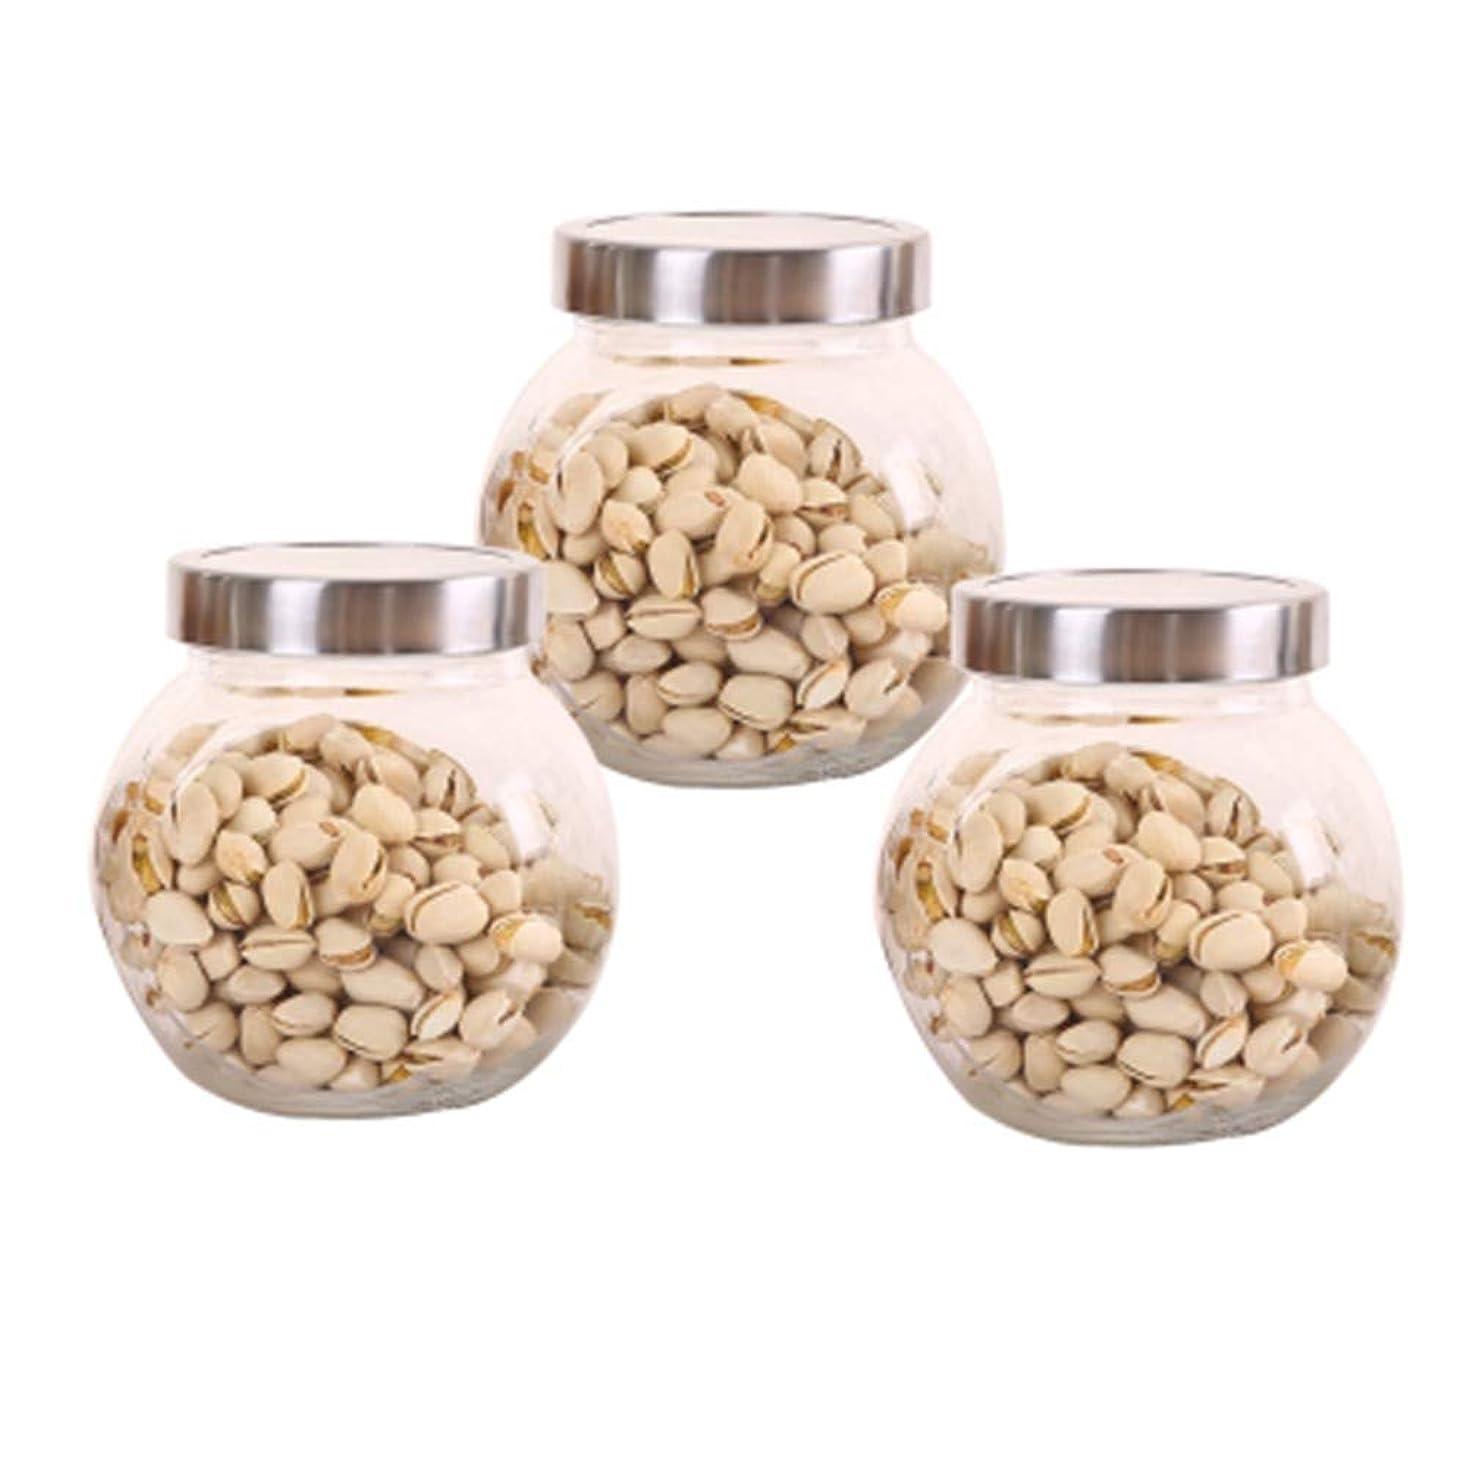 豆腐受信神聖3つの鉛フリーガラスドライフルーツシールの保湿ストレージジャーのストレージジャーパック(3パック)